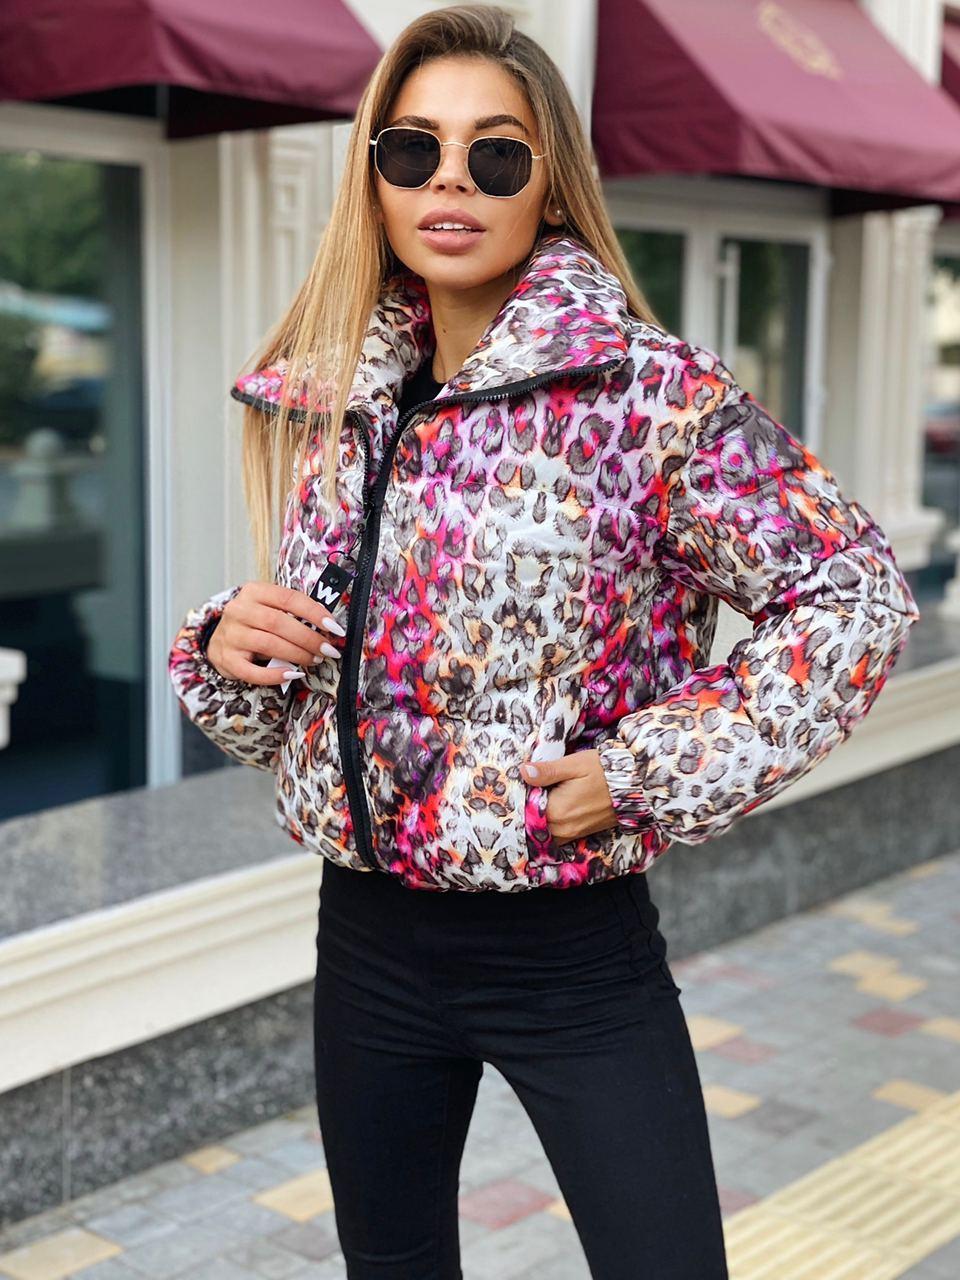 Женская принтованная куртка пуховик на зиму с воротником стойкой на молнии 22ki493